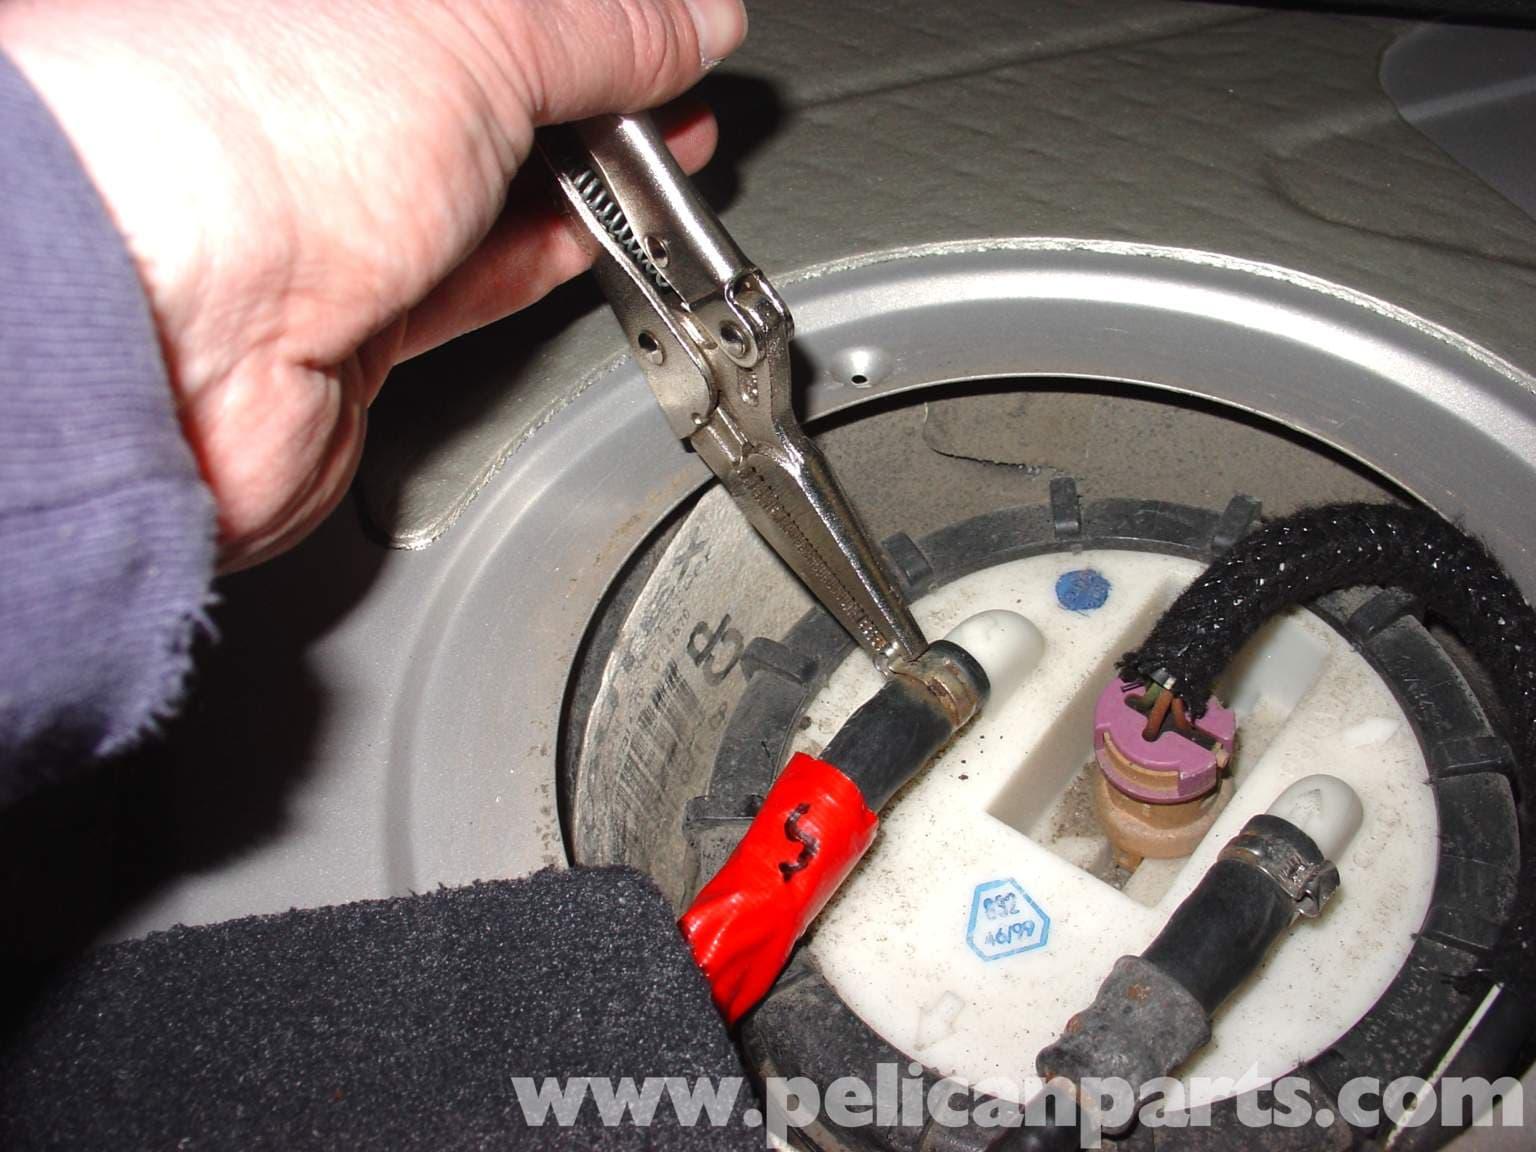 Volkswagen Fuel Pump Diagram : Audi a t volkswagen fuel pump replacement golf